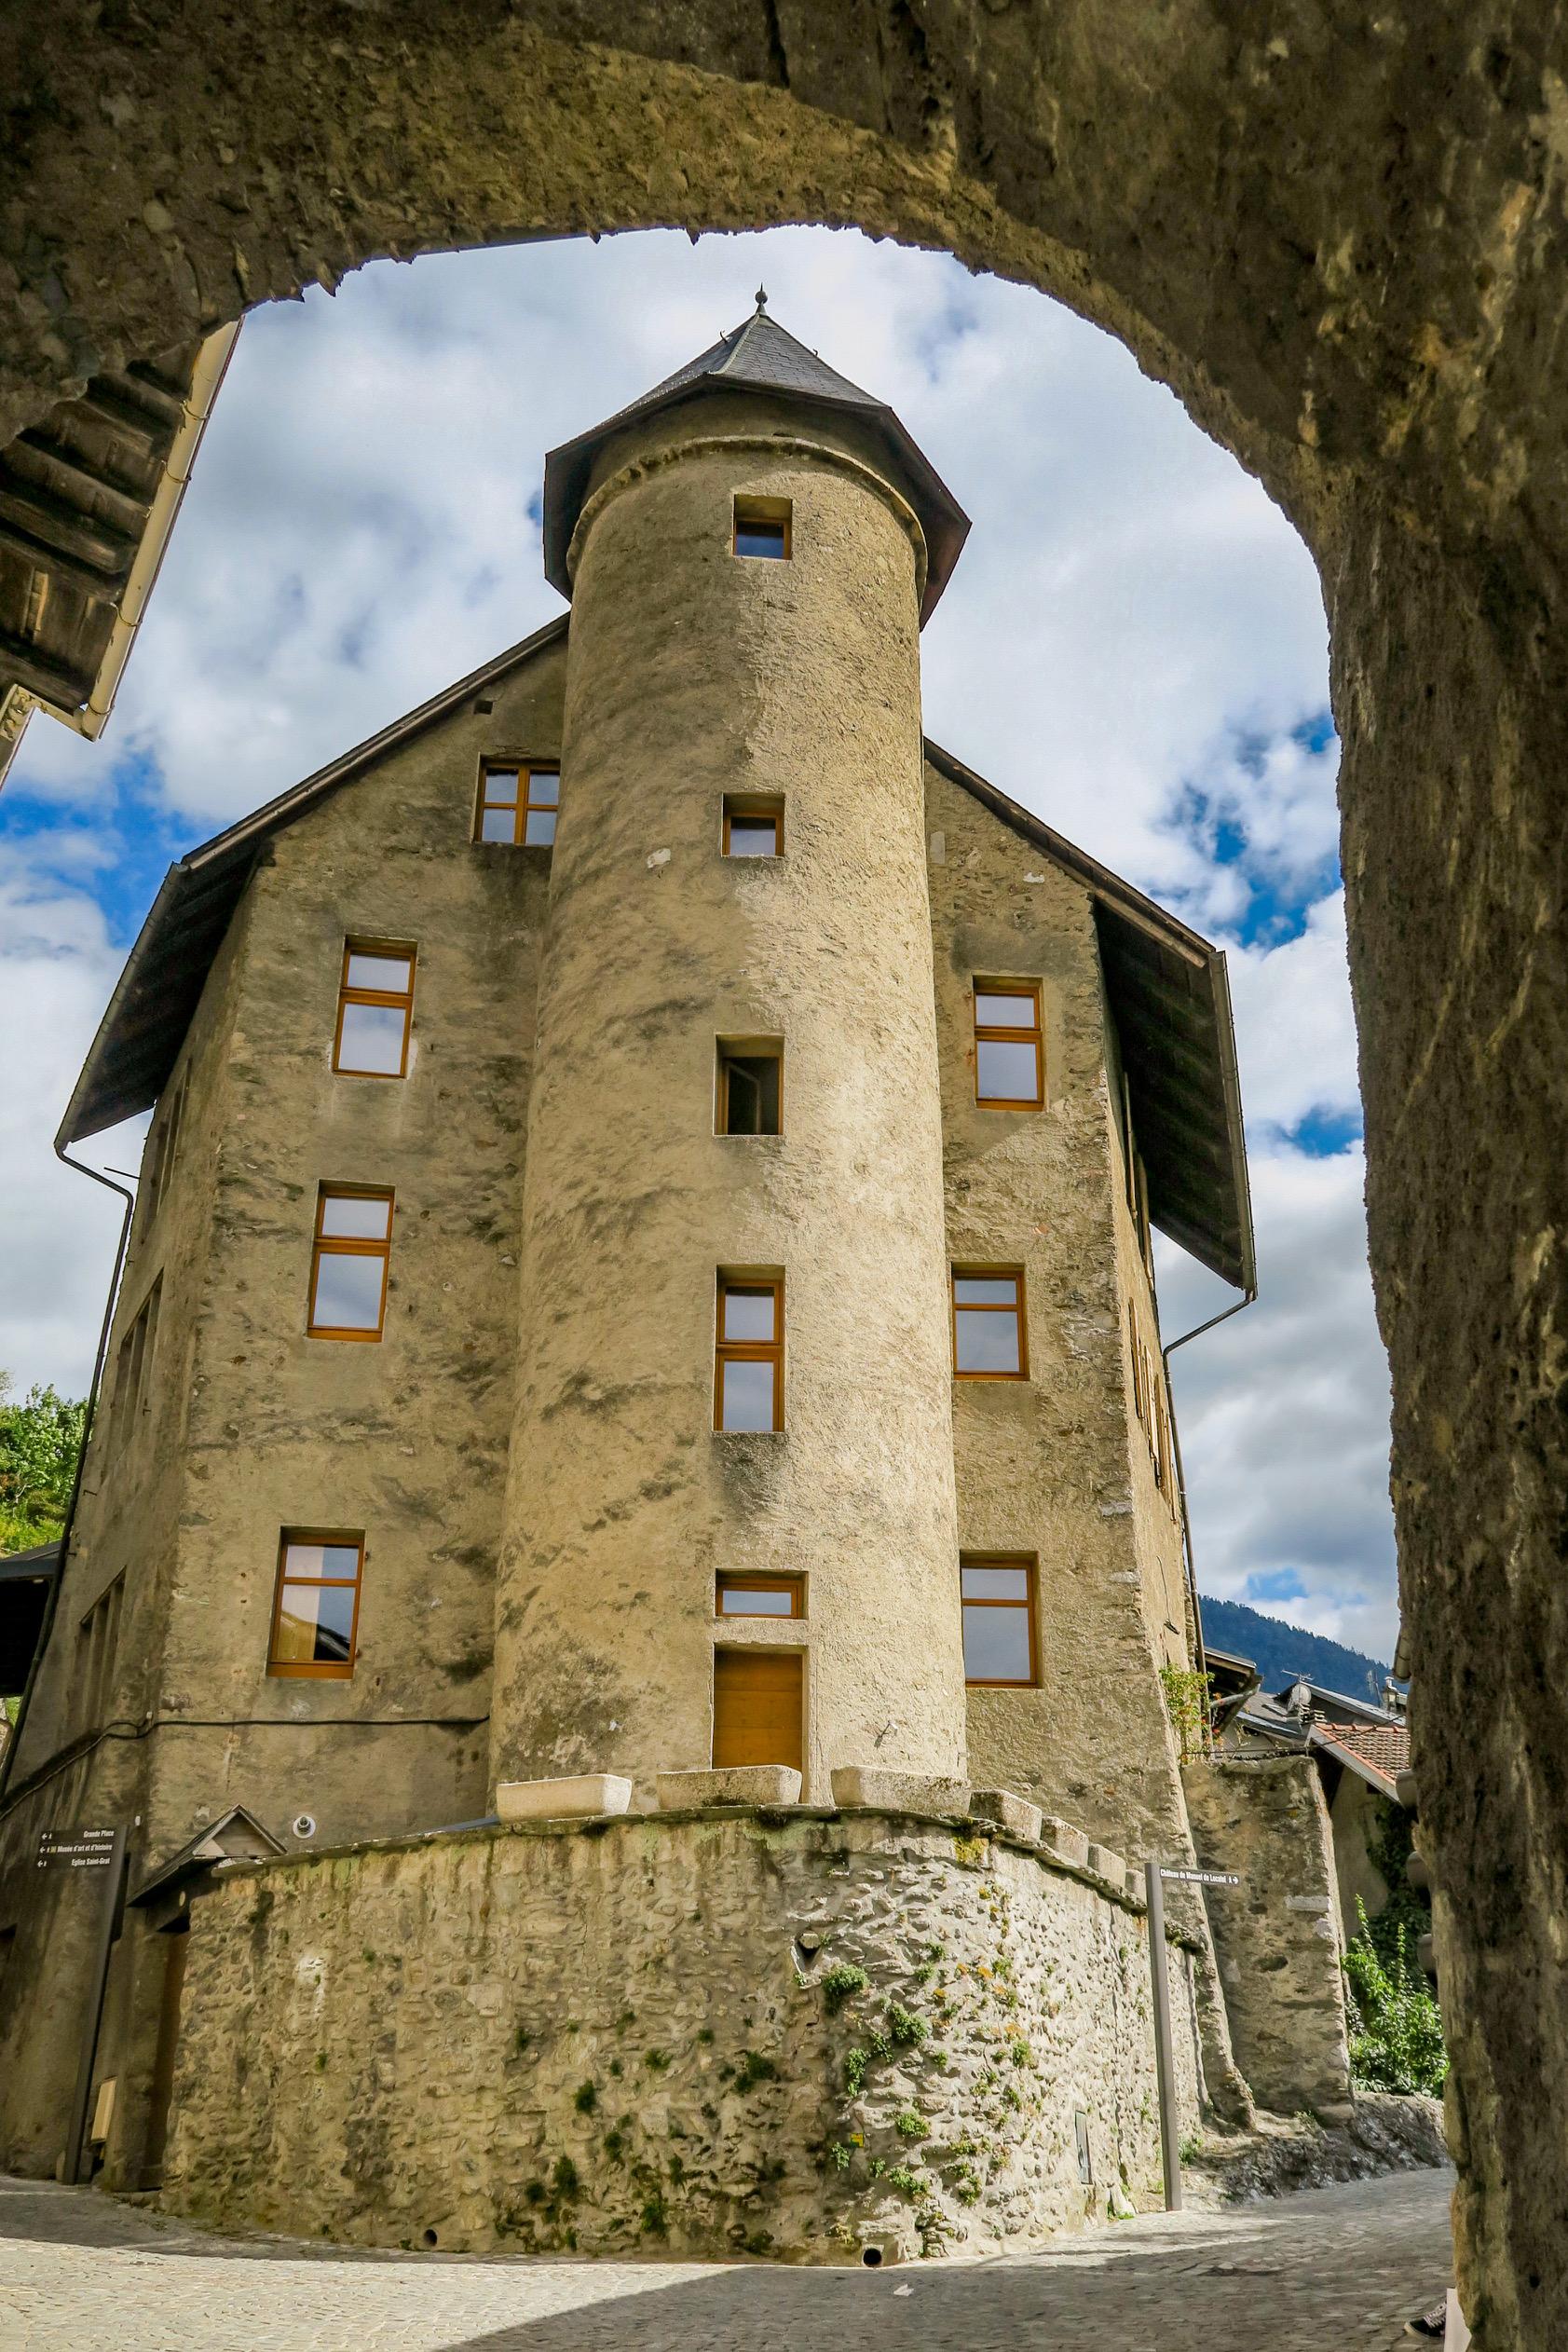 la tour ramus pays d'albertville